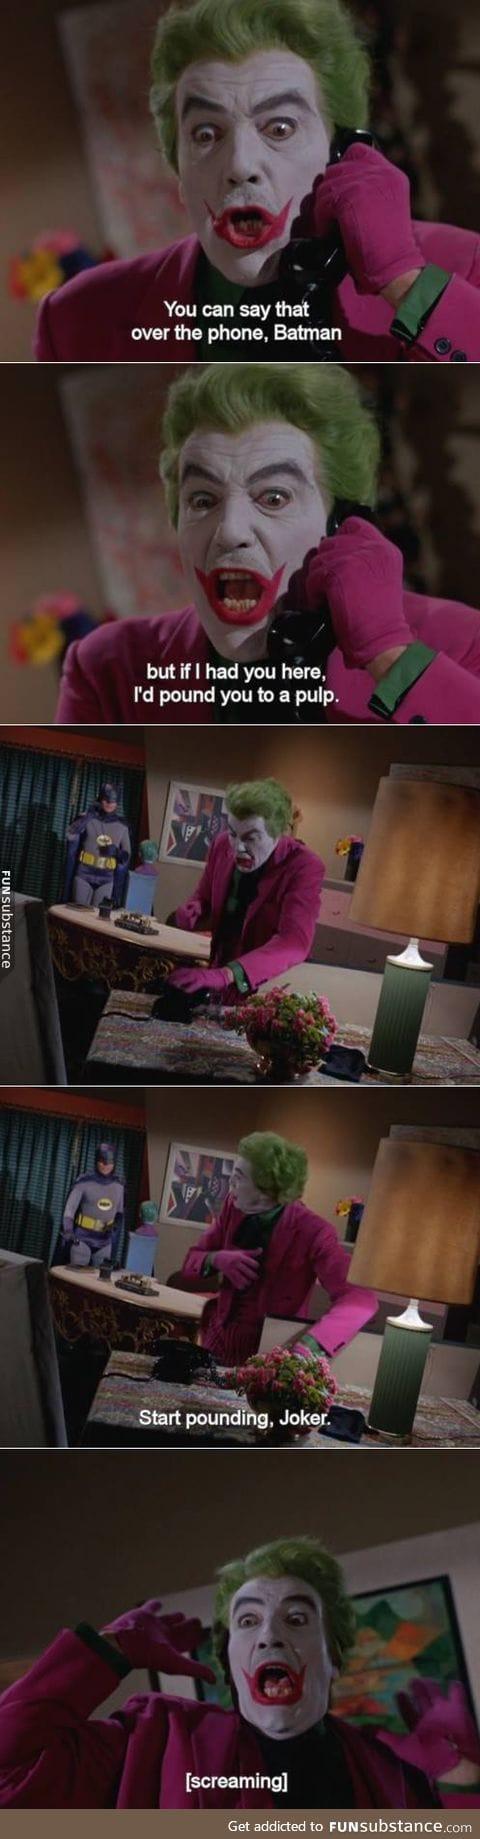 Do it joker